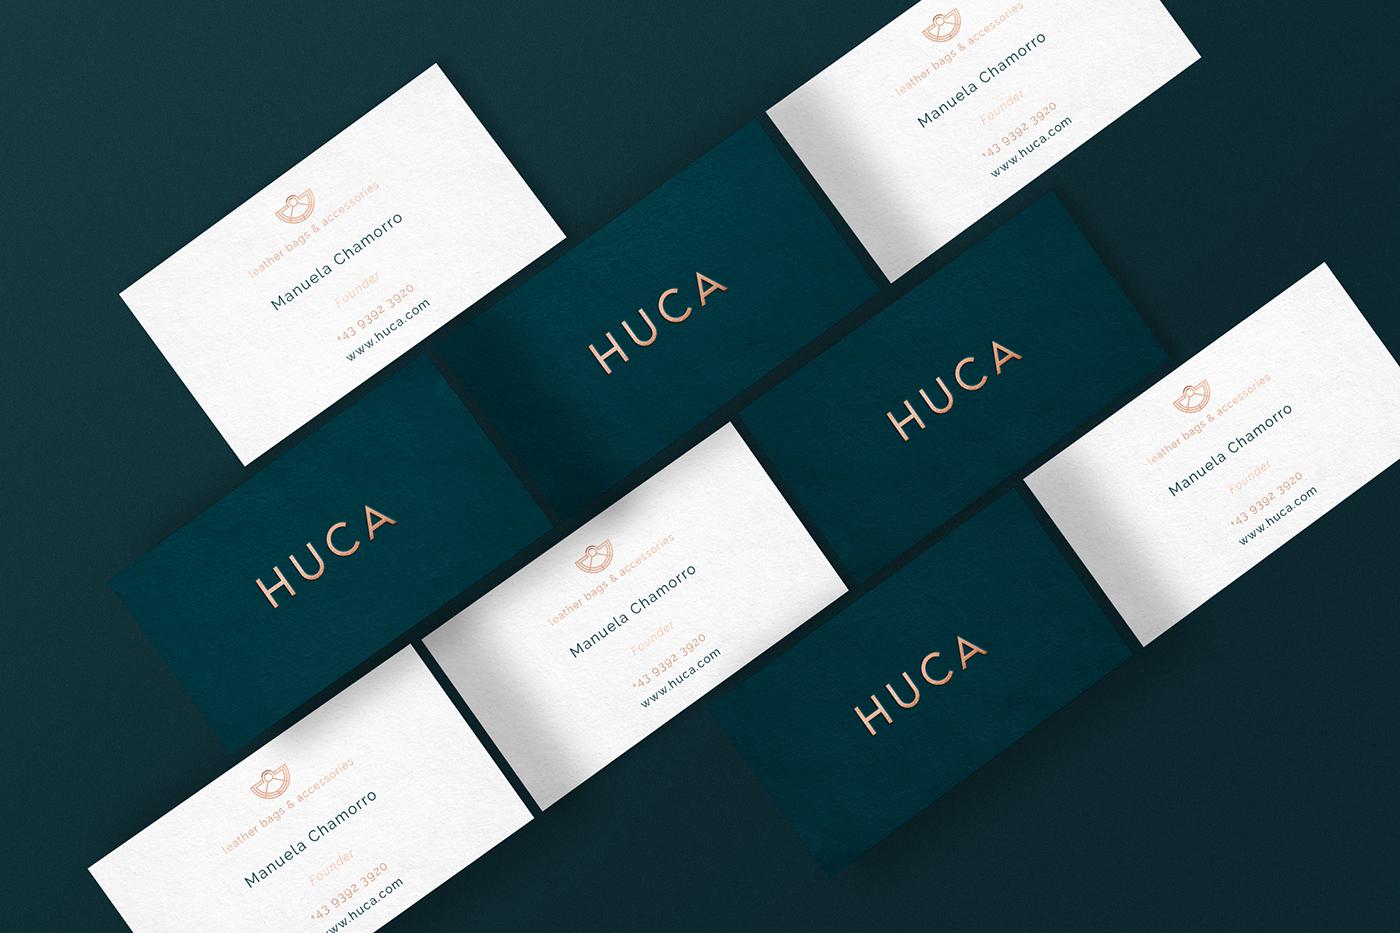 哥伦比亚Huca品牌VI形象设计欣赏-深圳VI设计4